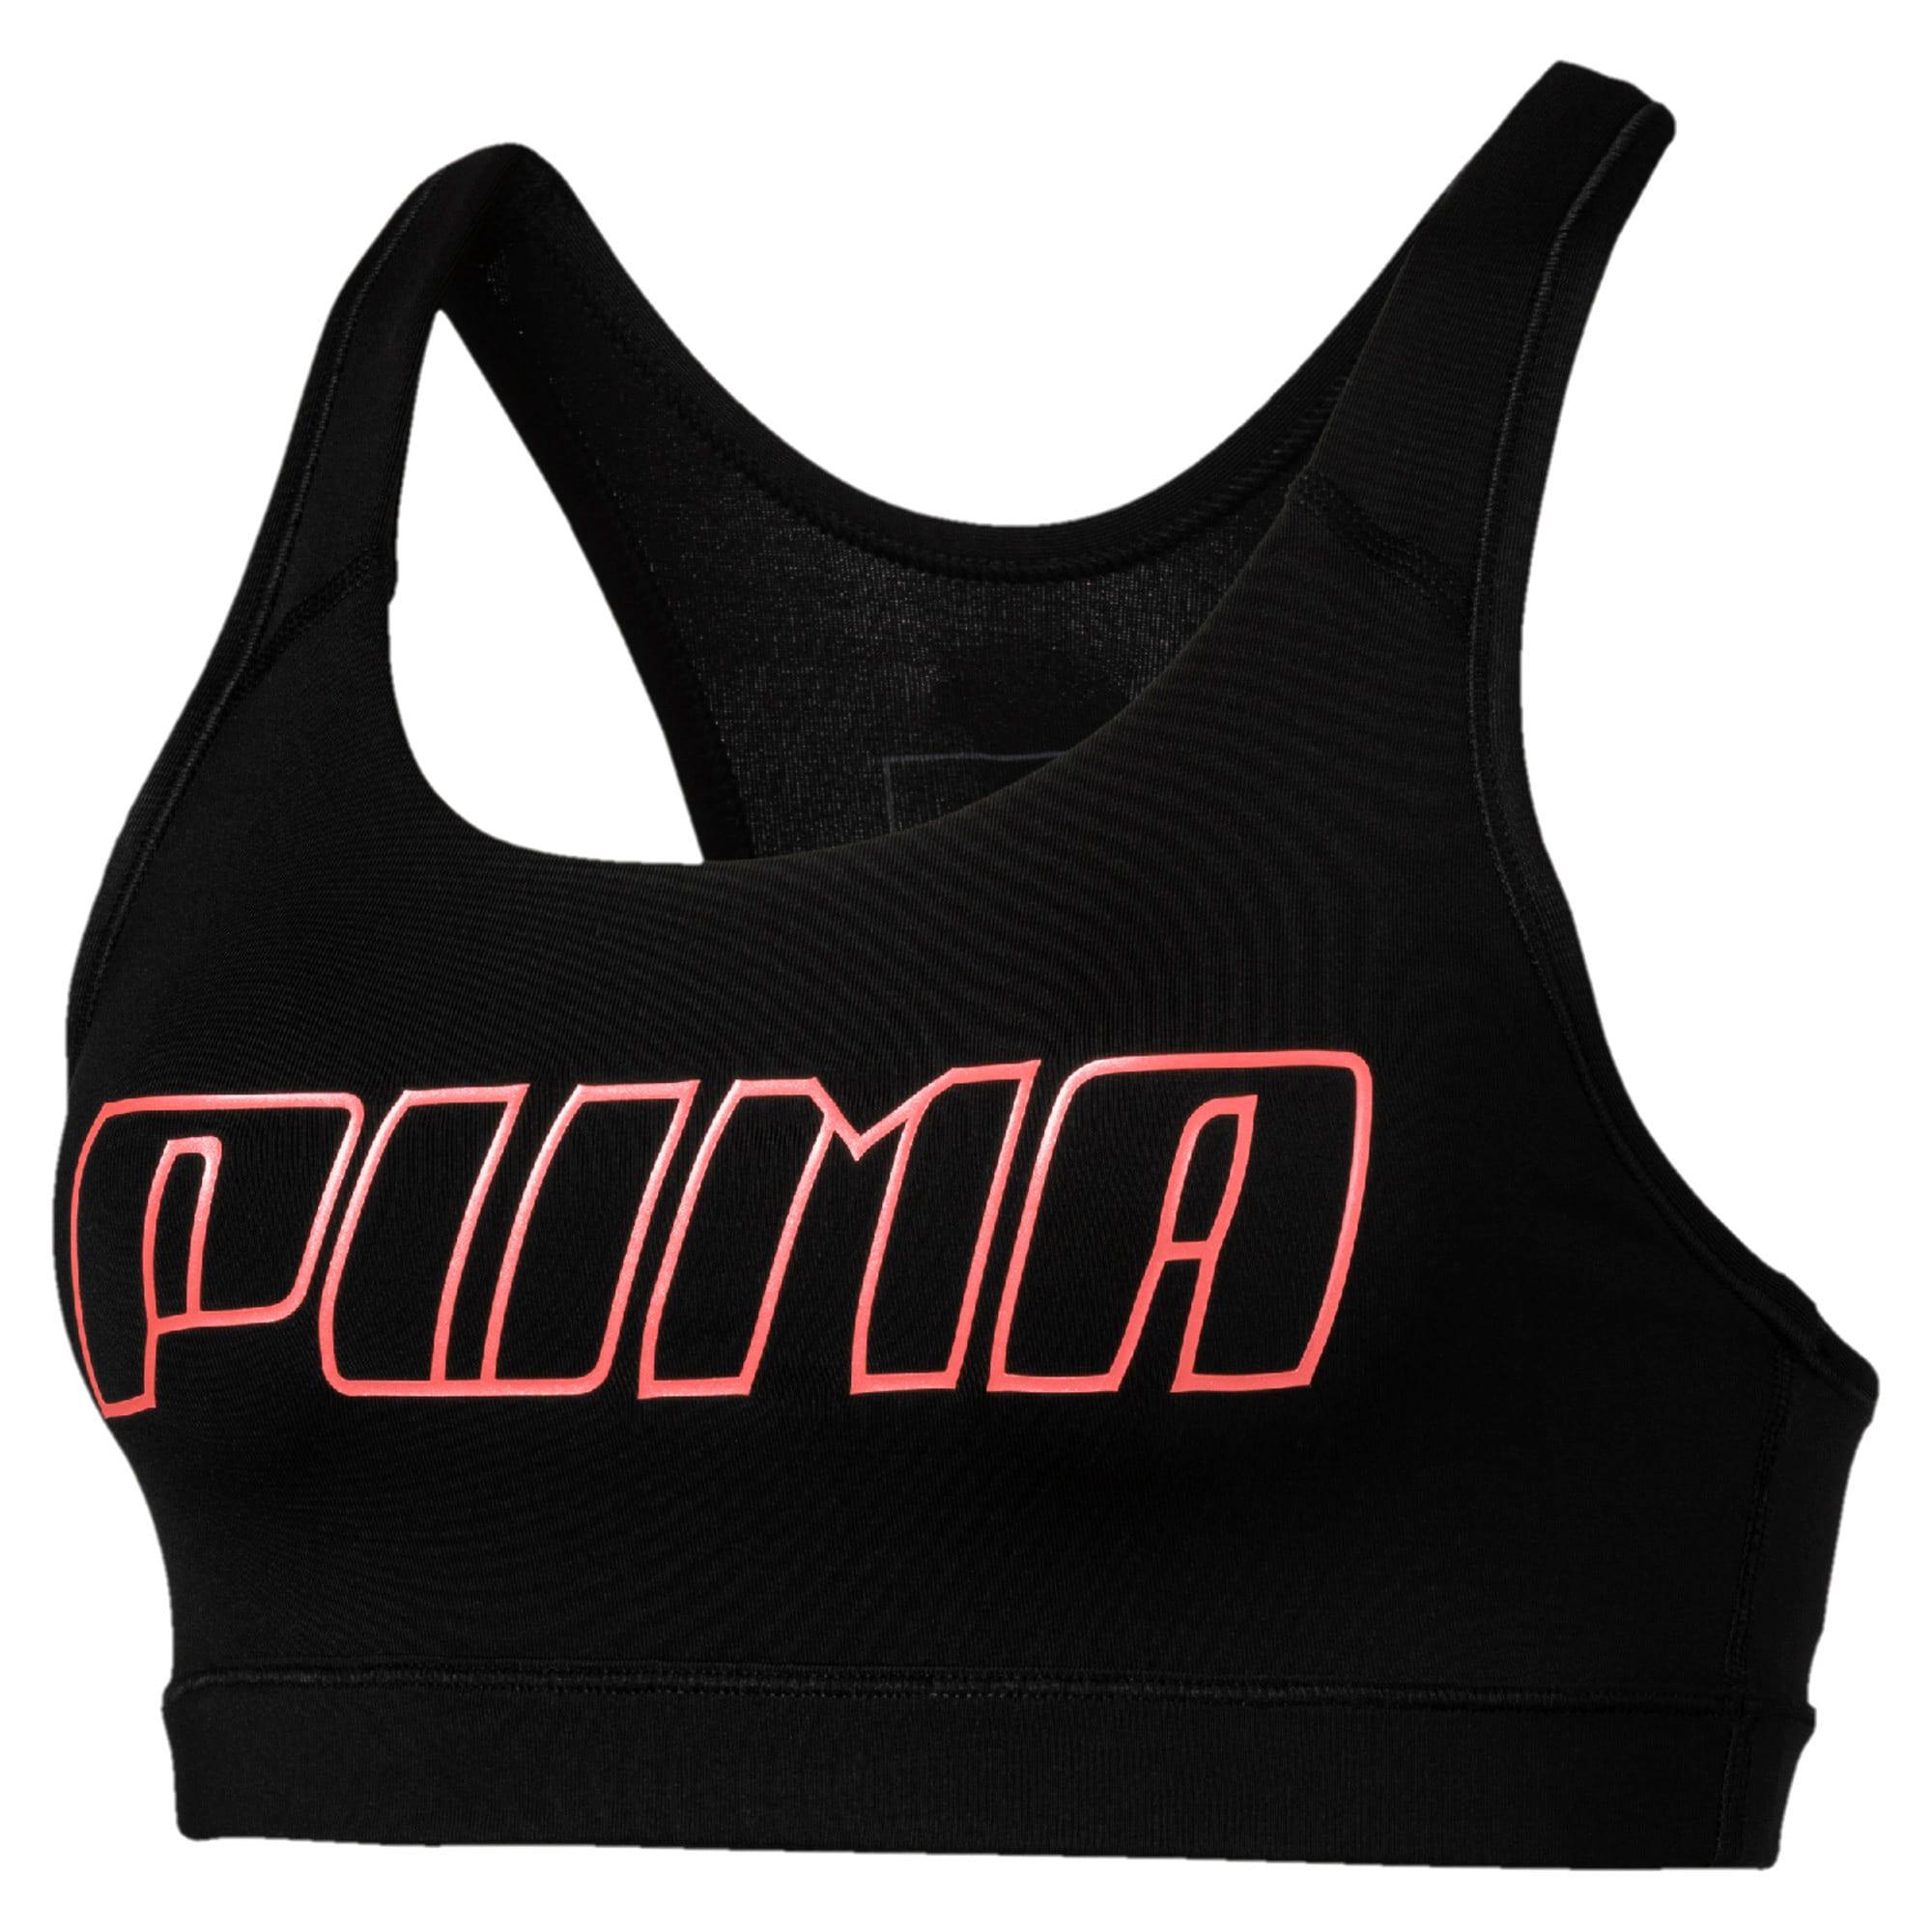 Thumbnail 4 of 4Keeps bh-top voor gemiddelde impact voor dames, Puma Black-Bright Peach PUMA, medium